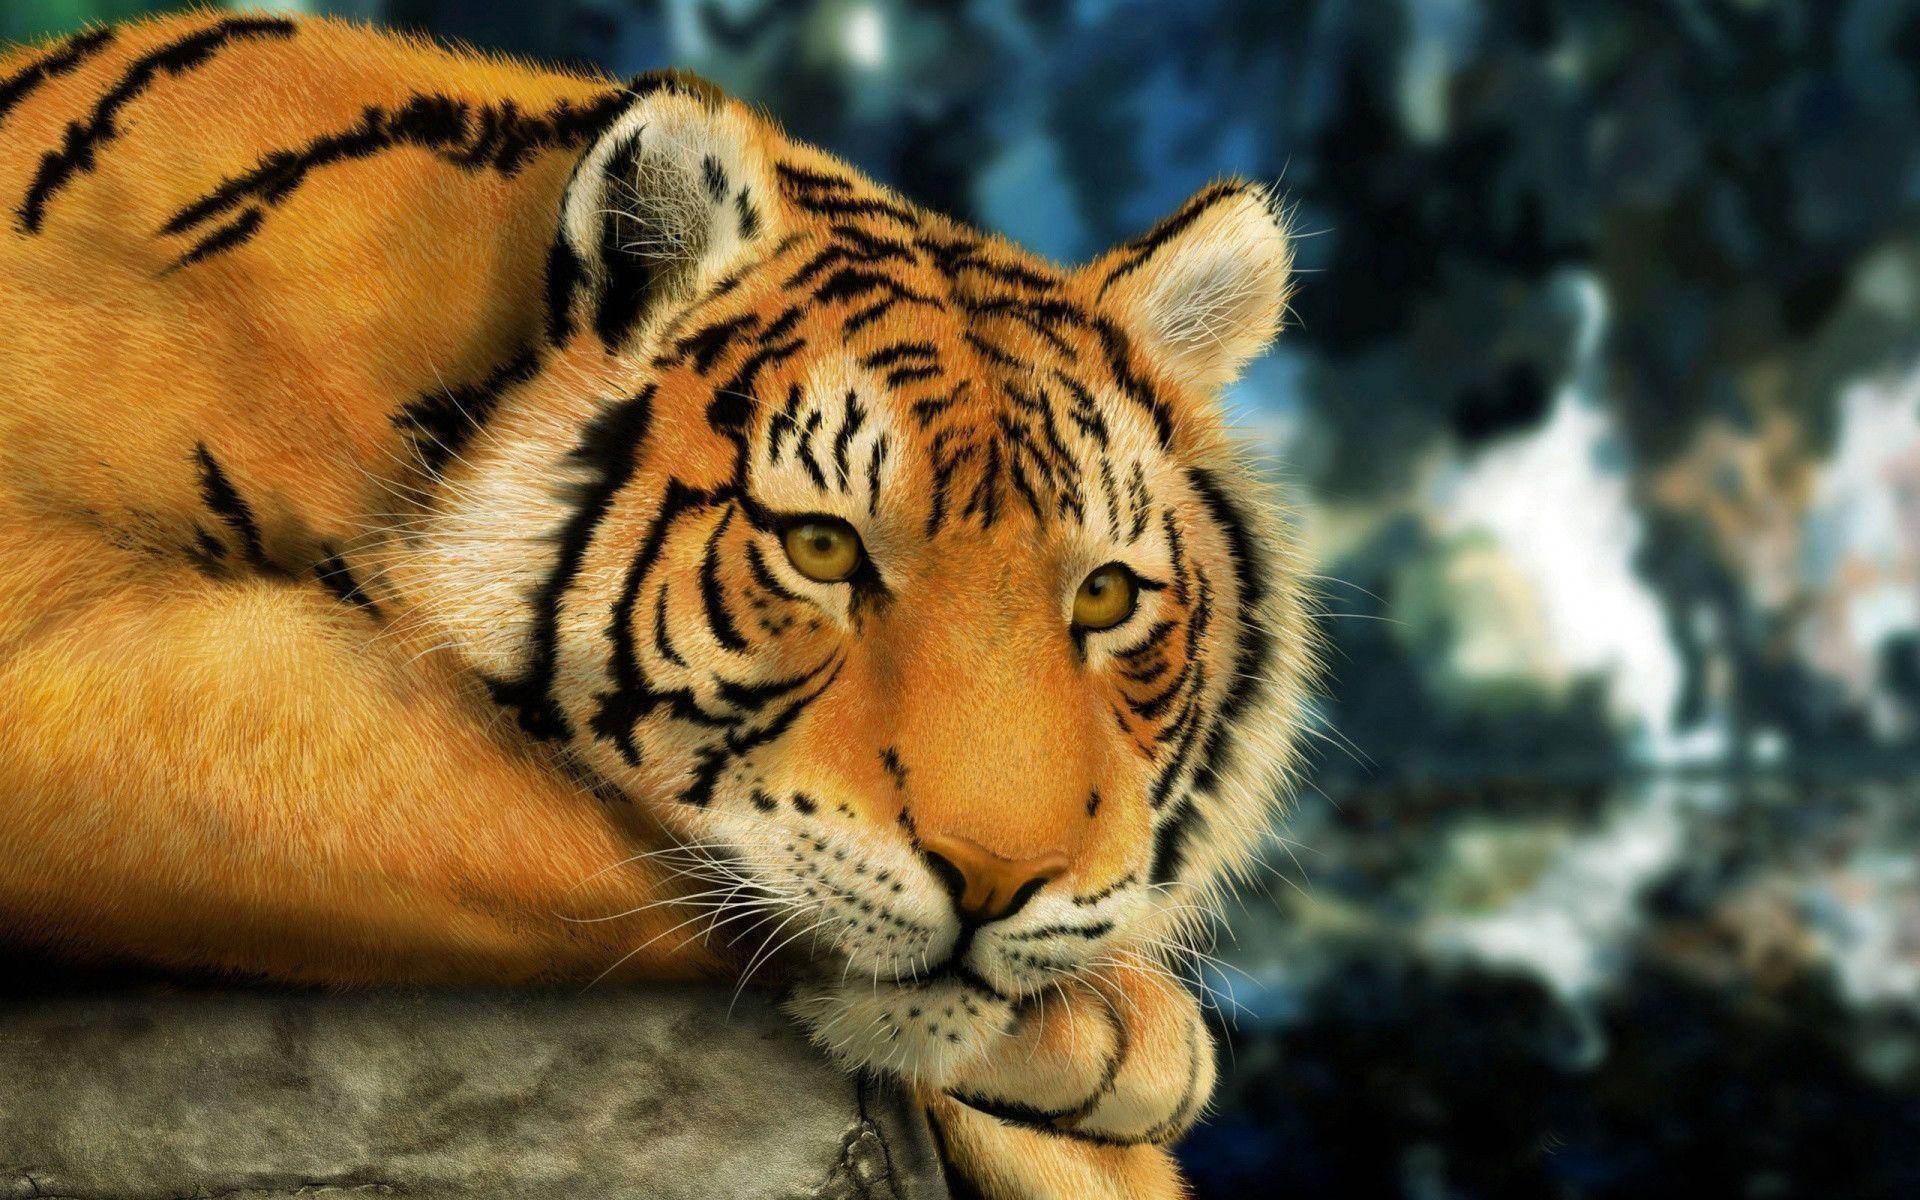 Detroit <b>Tigers Desktop Wallpaper</b> 1920×1080 – WallpaperSafari